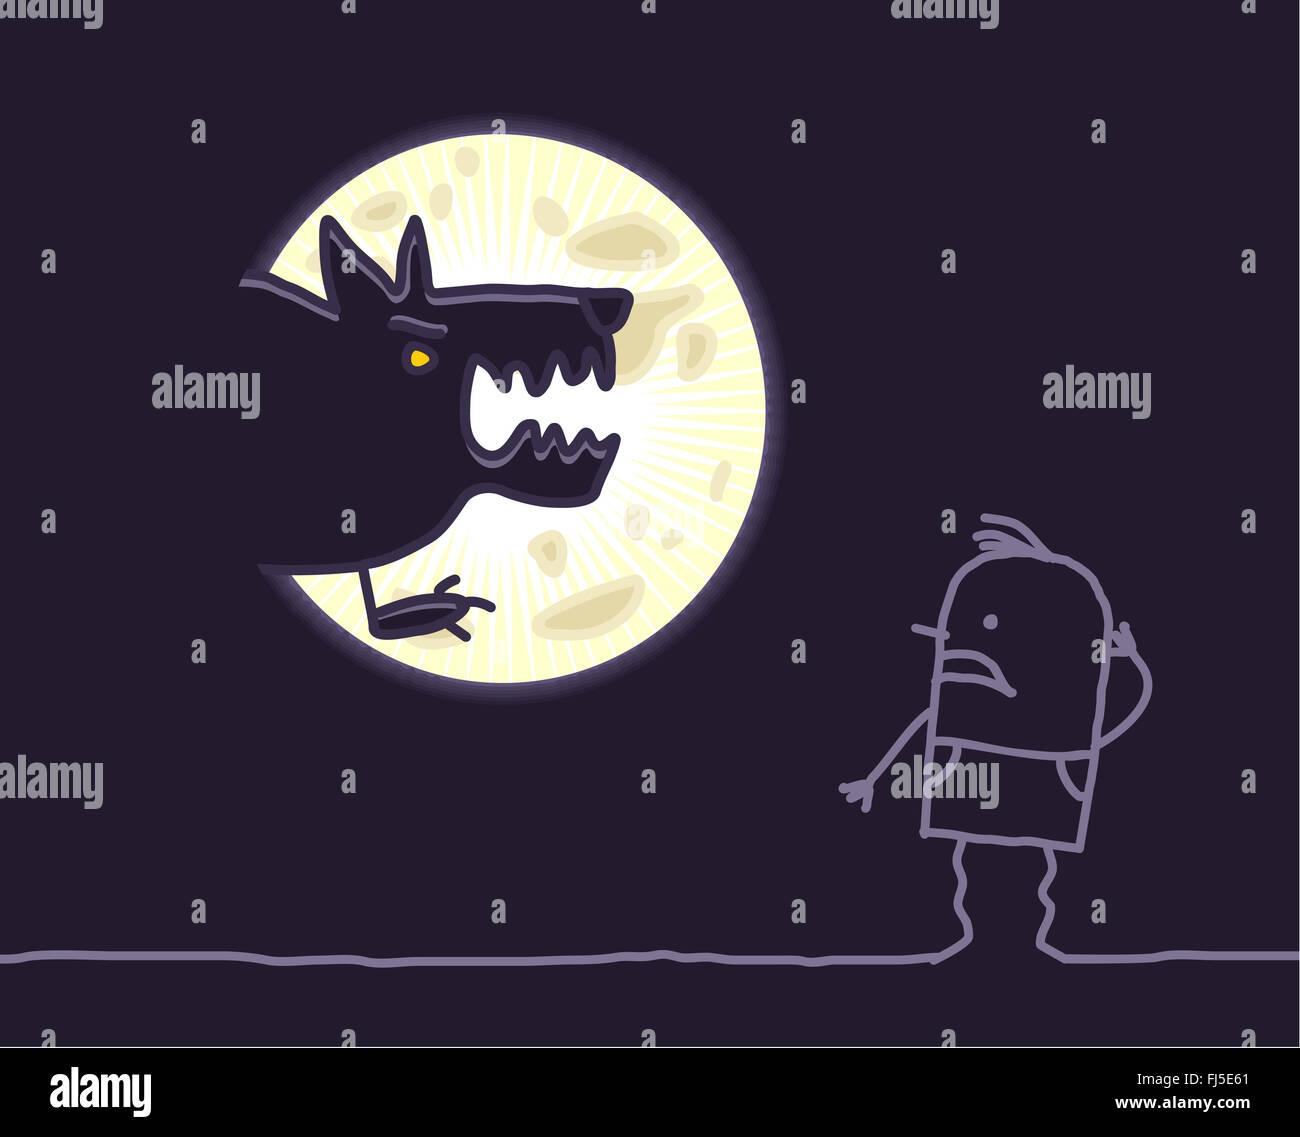 Los Personajes De Dibujos Animados Dibujados A Mano Lobo Y Luna